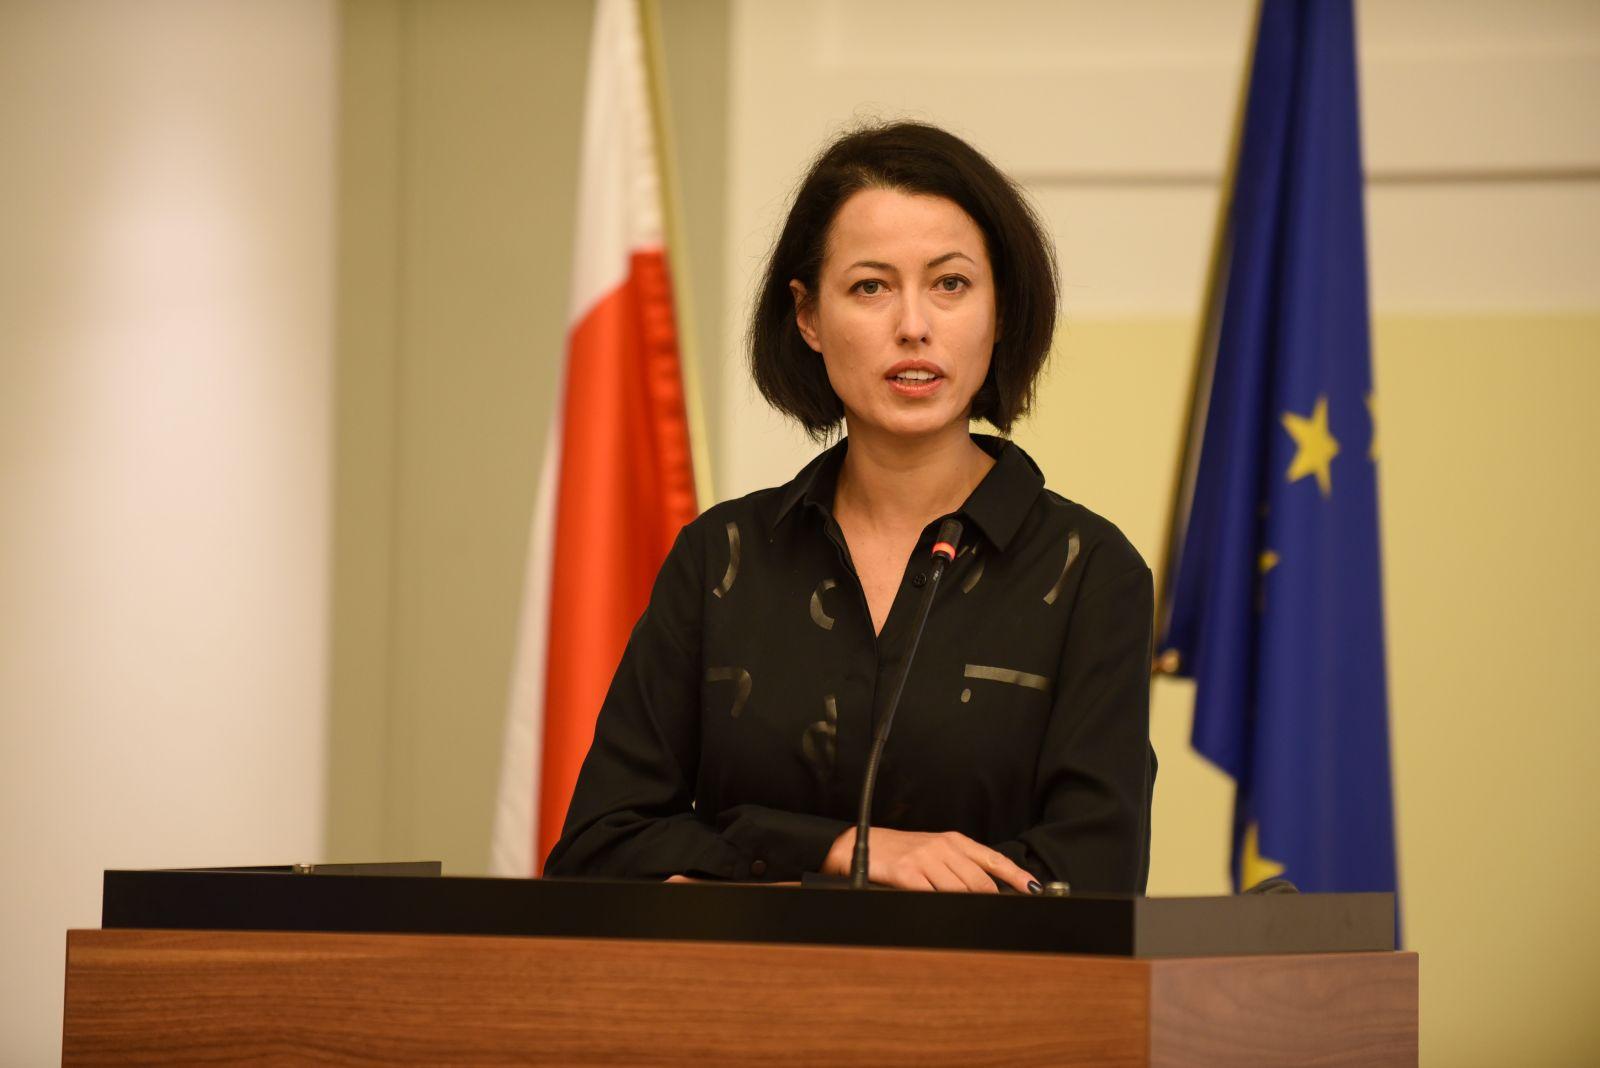 Wystąpienie dr Anny Budzanowskiej, Dyrektor Generalnej Ministerstwa Nauki i Szkolnictwa Wyższego